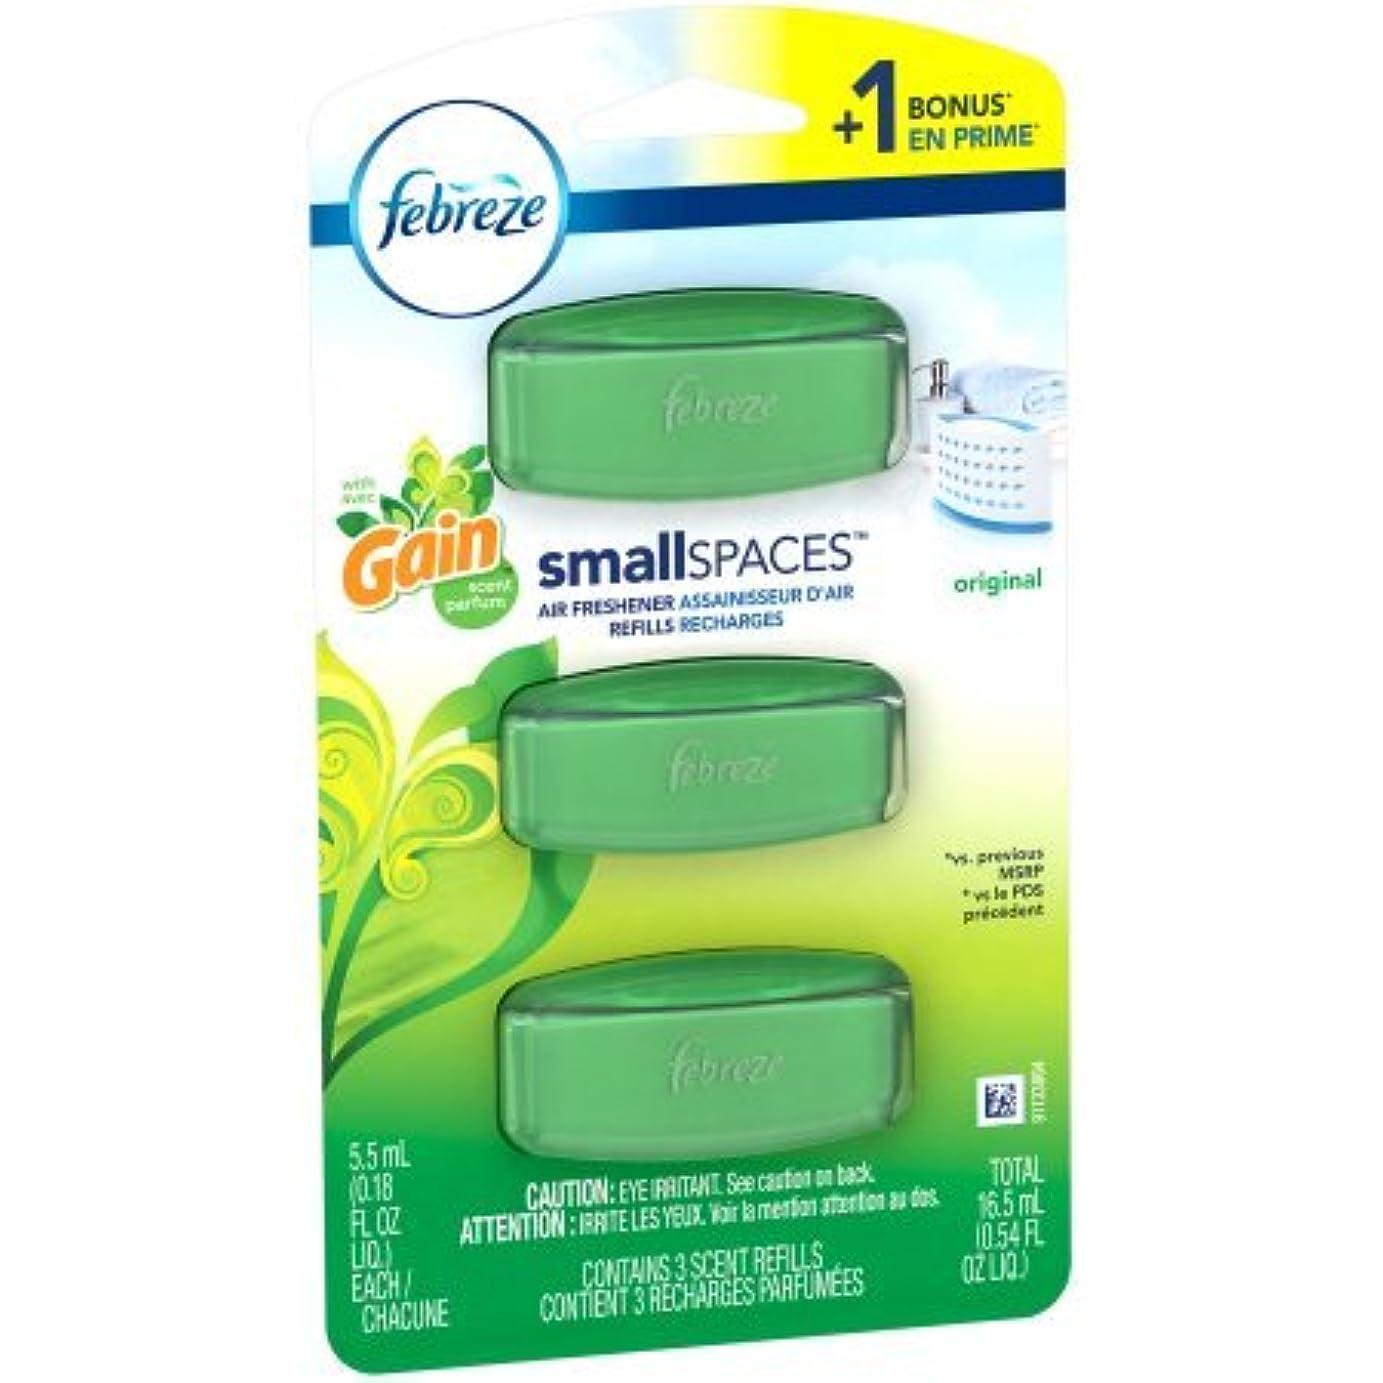 電気ナラーバー暗殺する【Febreze/ファブリーズ】 お部屋用置き型アロマ (3個入り) ゲインオリジナル SmallSpaces Gain Original Scent Air Freshener Refills (5.5ml x 3) [並行輸入品]